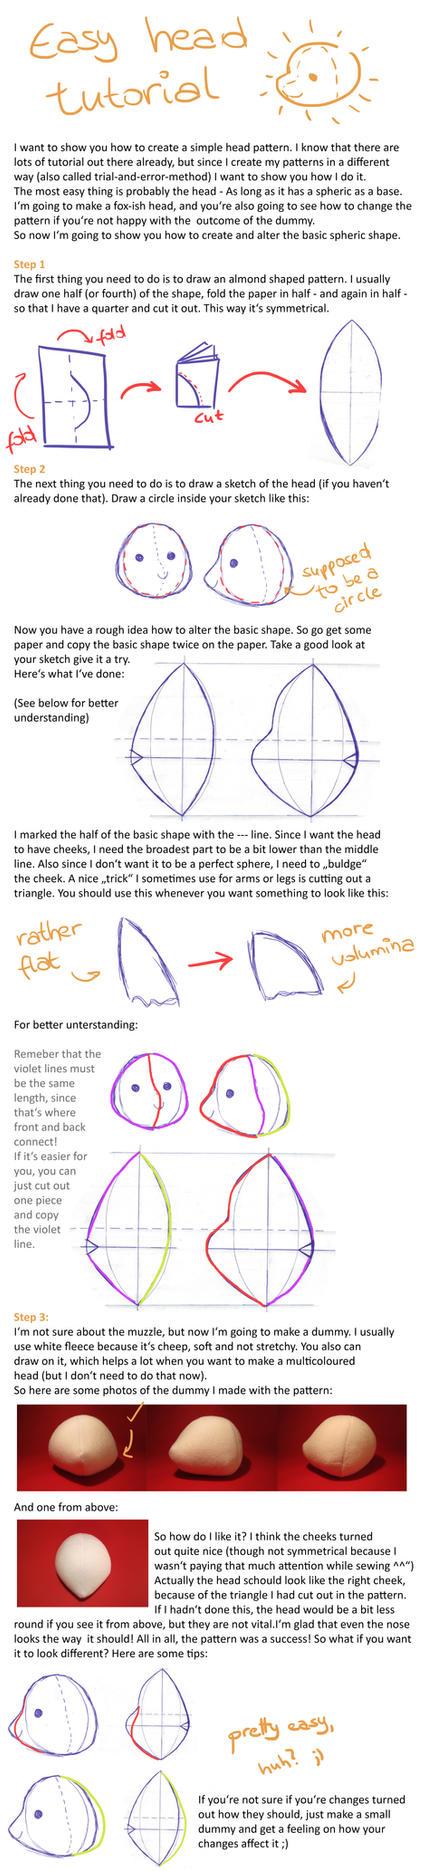 Simple plush head tutorial by Luminous-Luchador